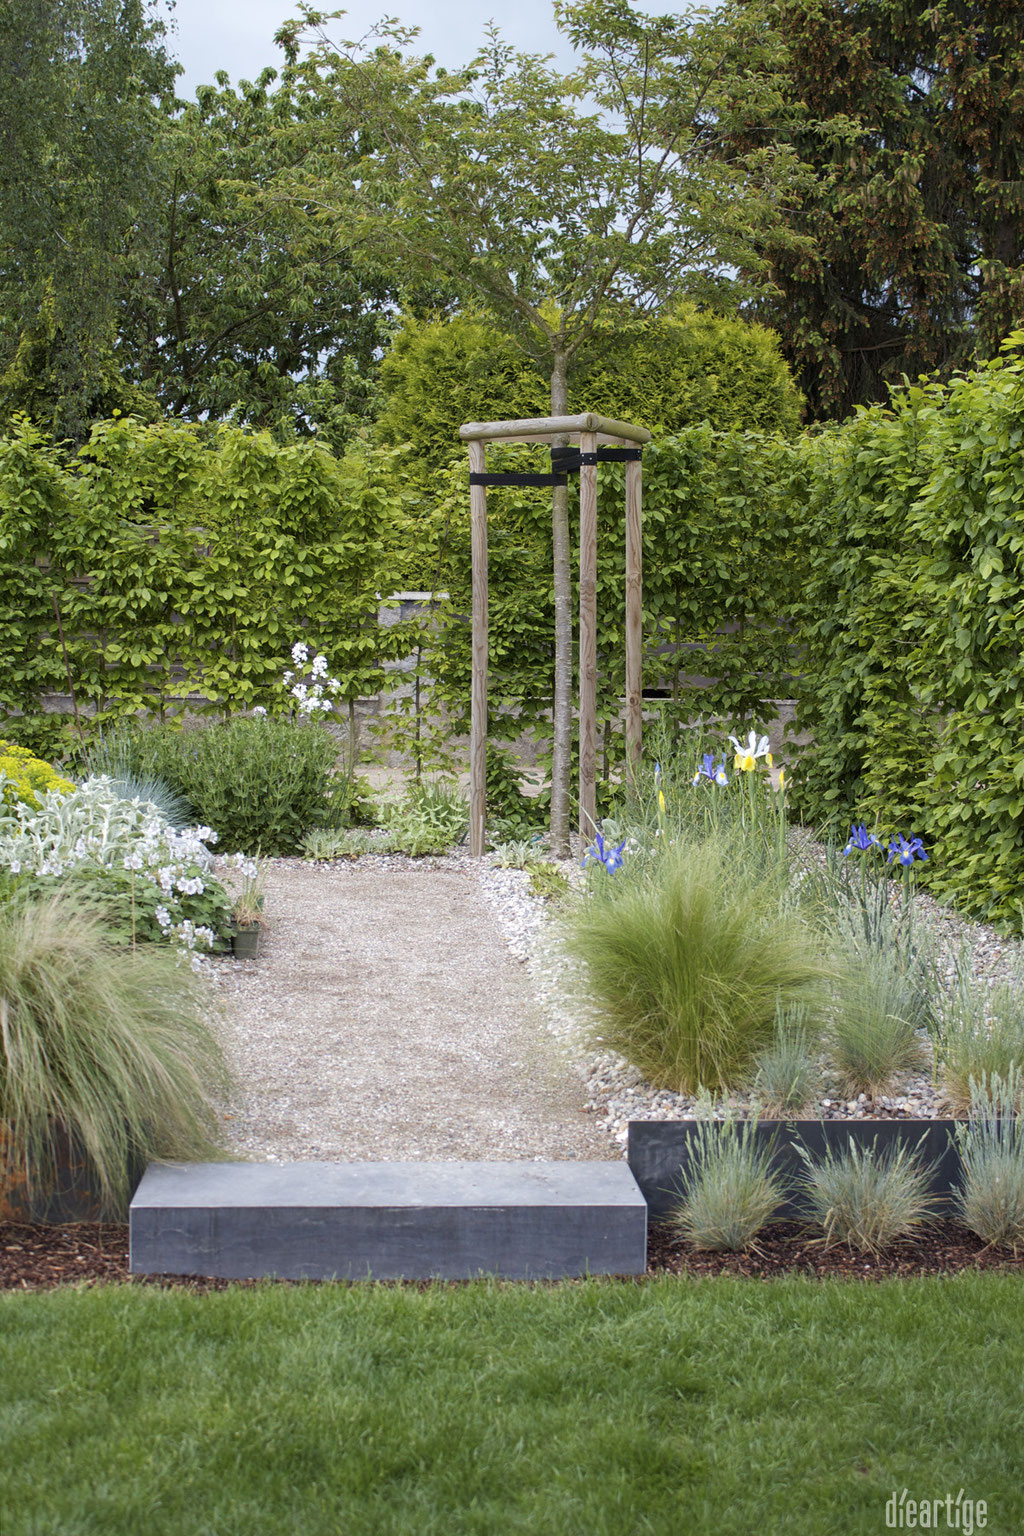 dieartigeBLOG - GARTEN // Steppengarten - Federgras, Lilien, Storchenschnabel, Ziersalbei, Winterkirsche